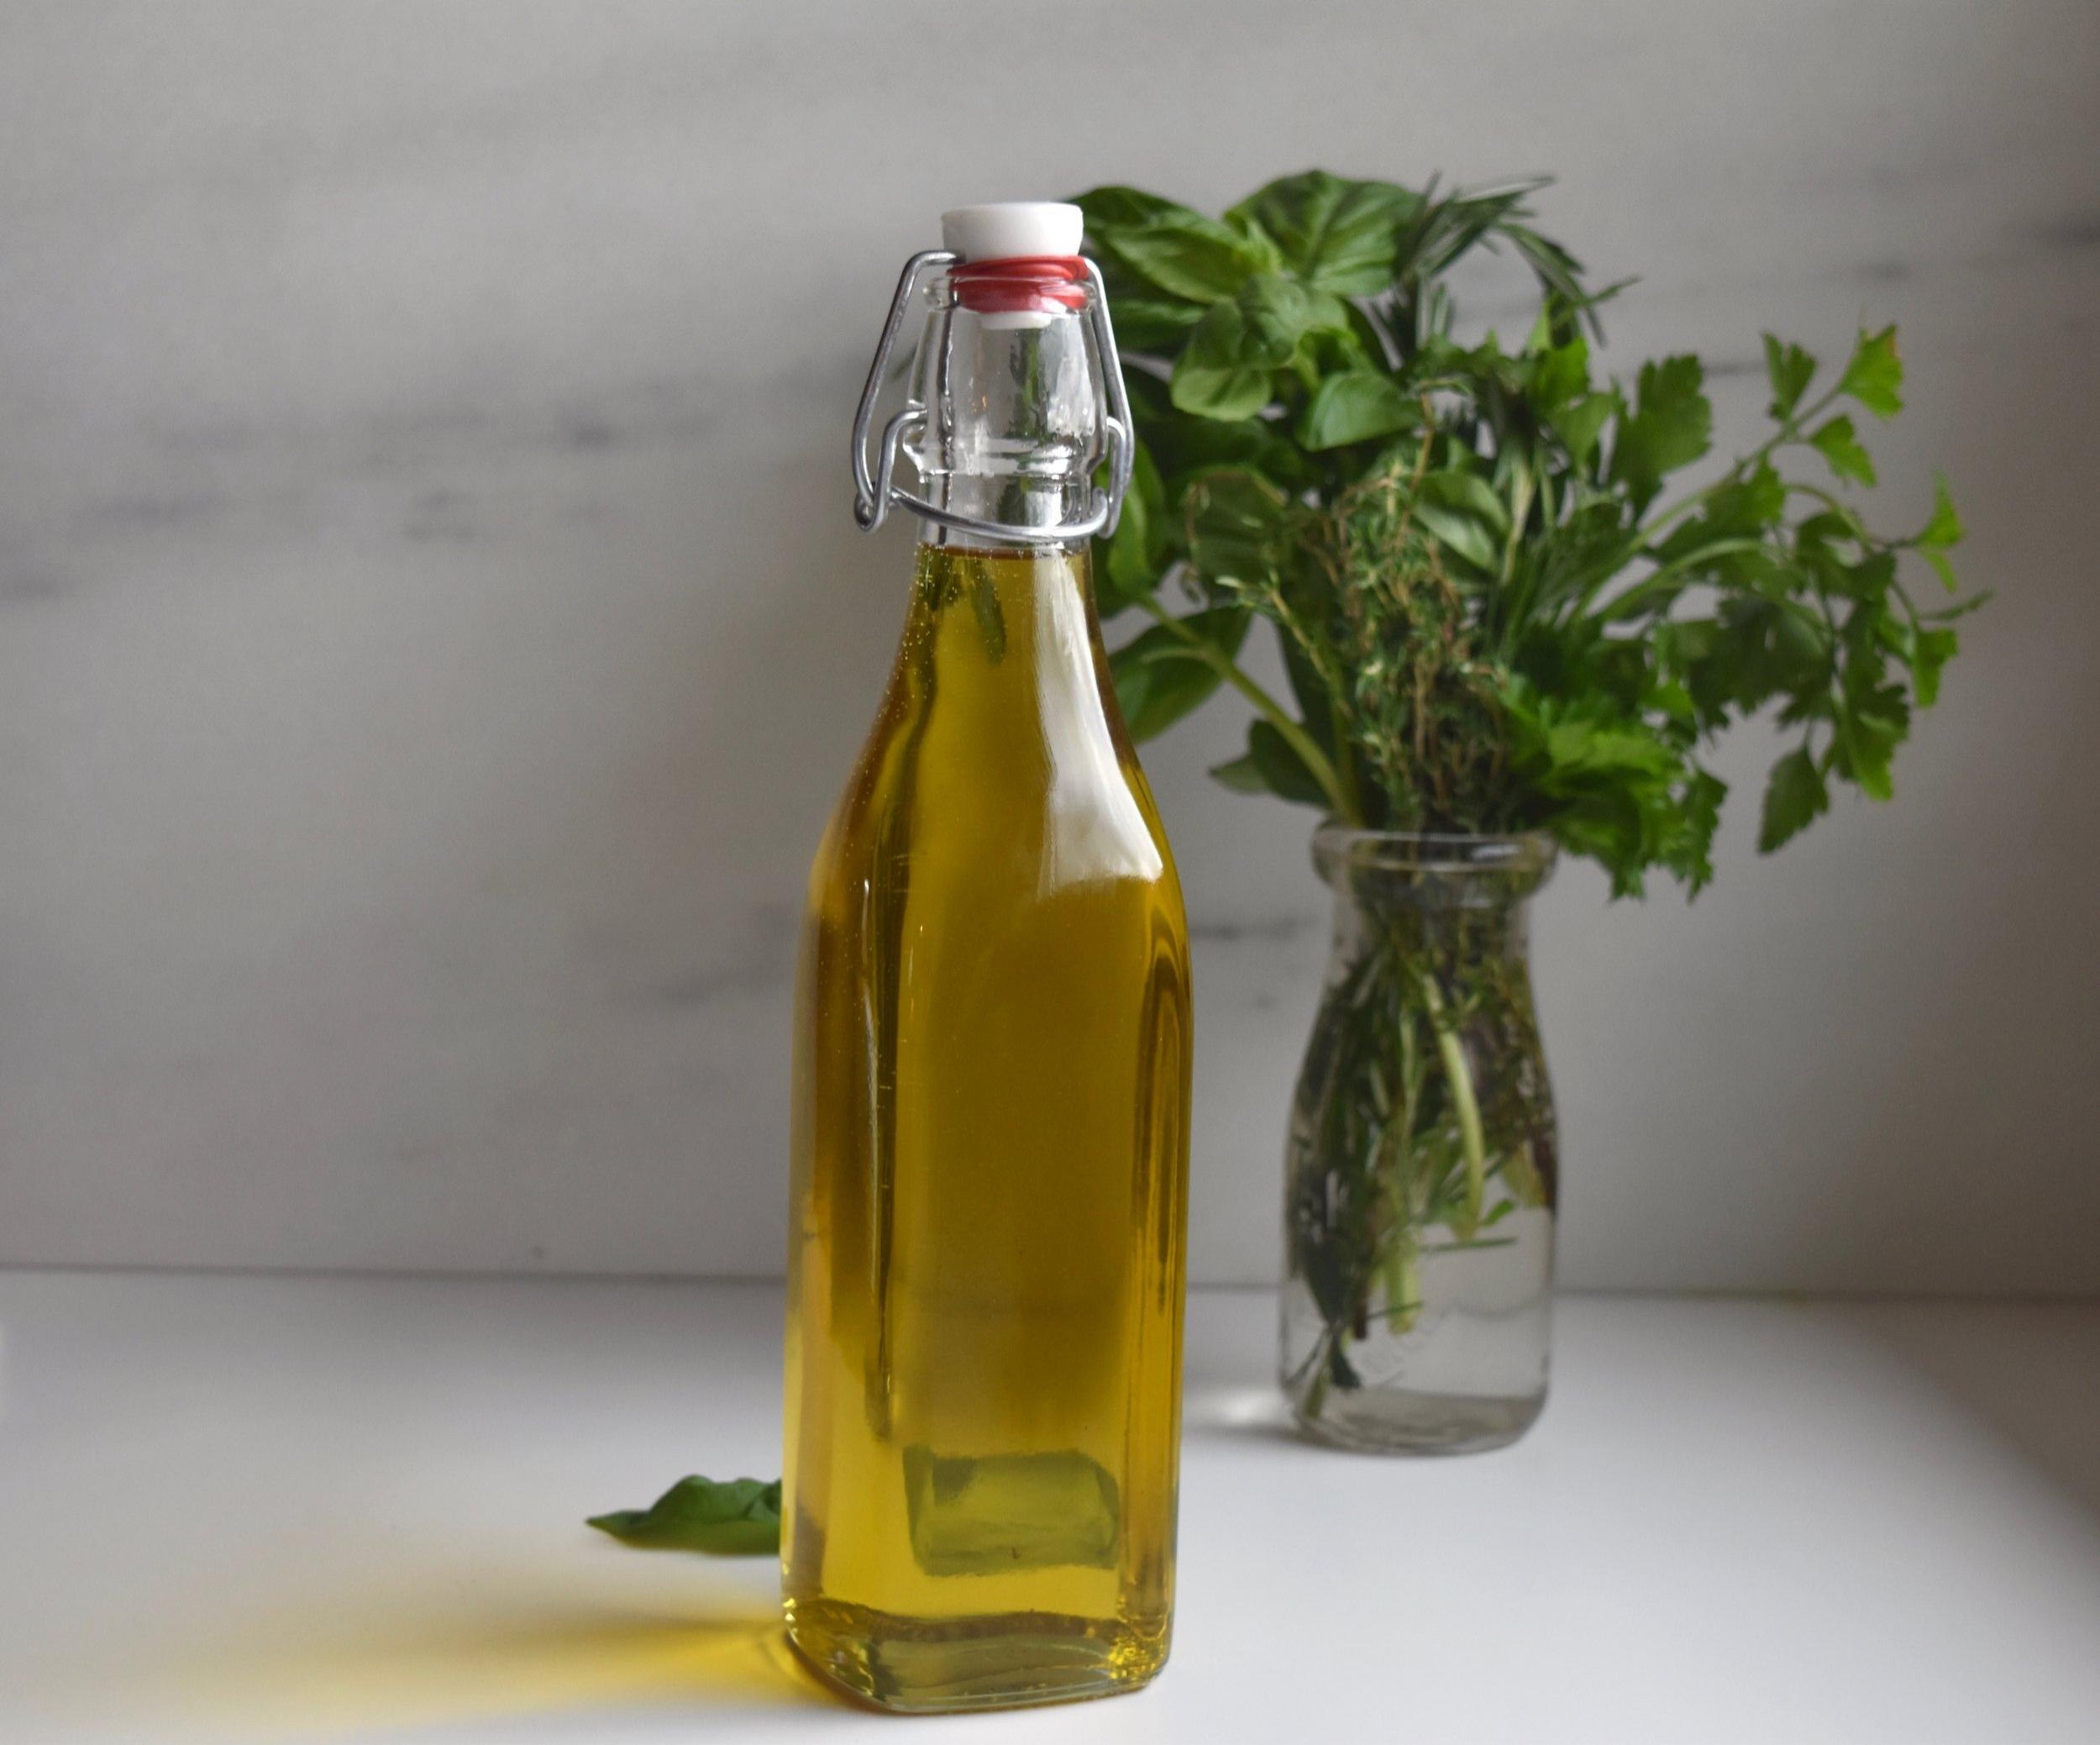 Herb oil hero